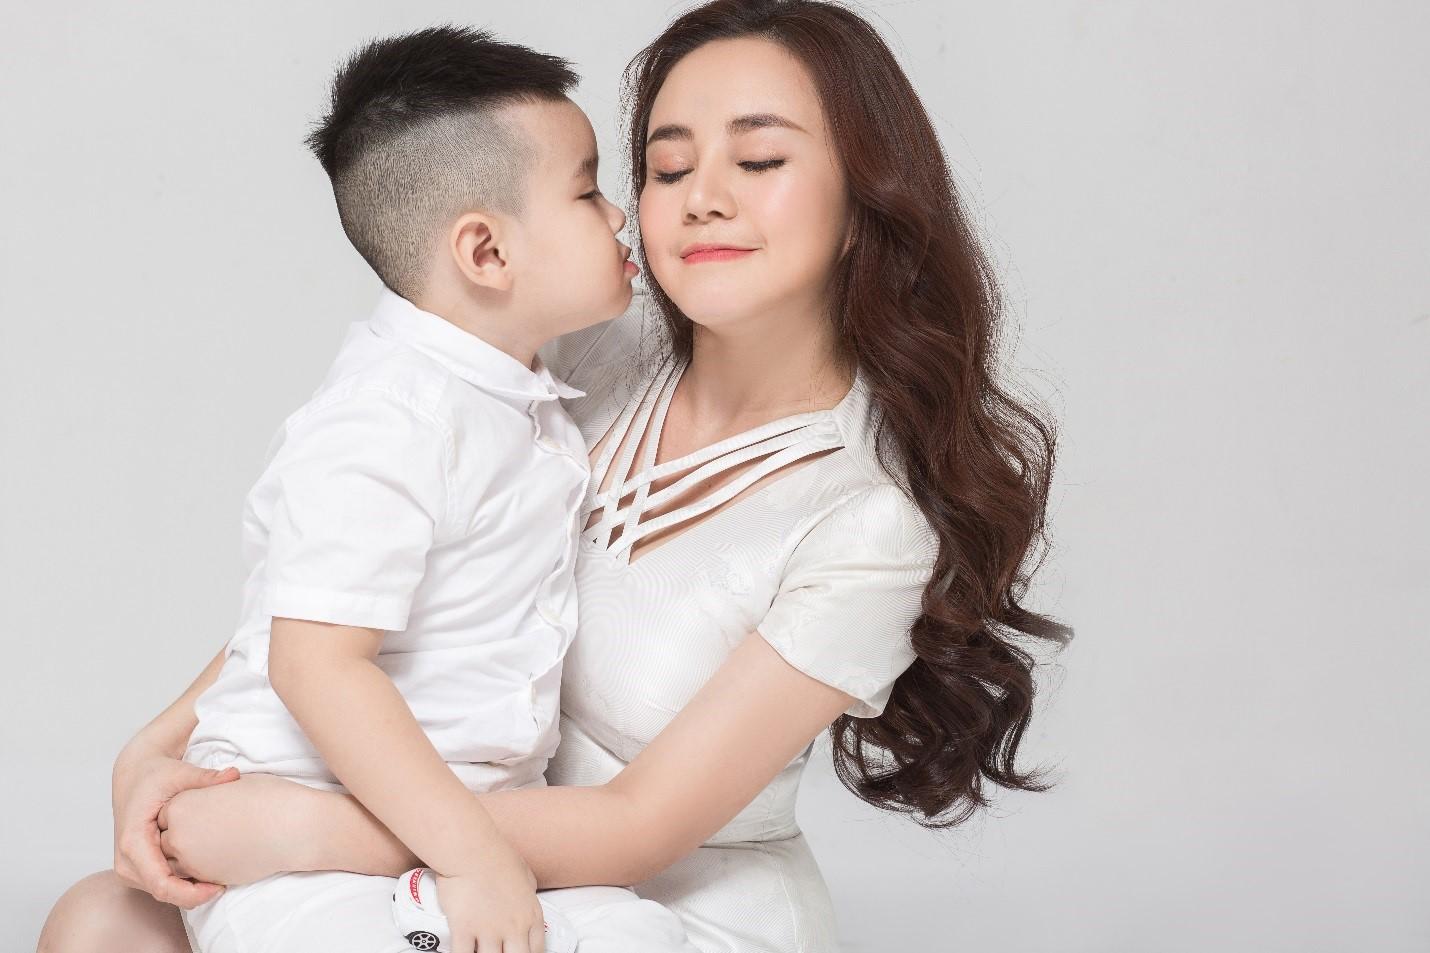 Cùng Vy Oanh, Linh Nga, Trương Quỳnh Anh và Ngọc Diễm mang nụ cười đến trẻ em Việt Nam - Ảnh 9.